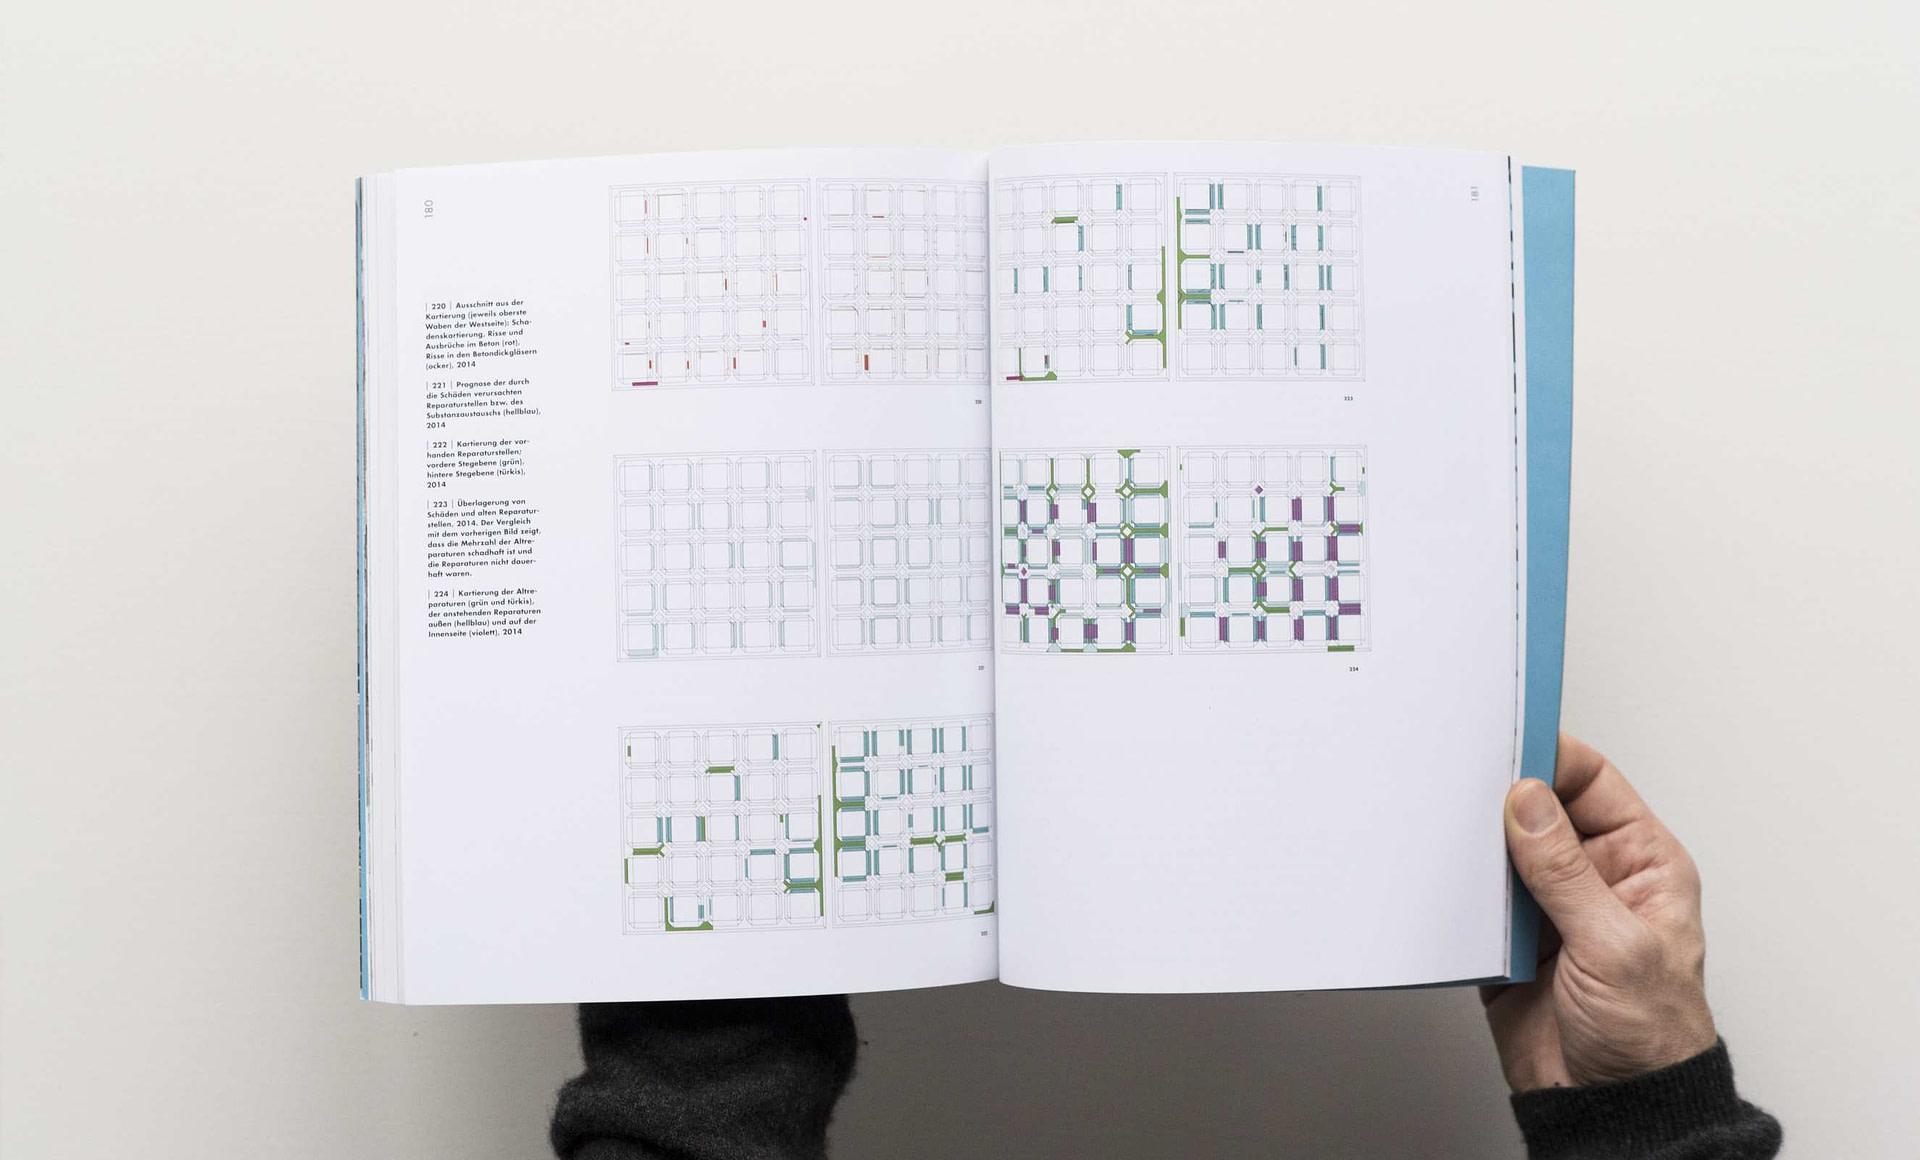 kaiser-wilhelm-memorial-church-book-18-2650x1600px